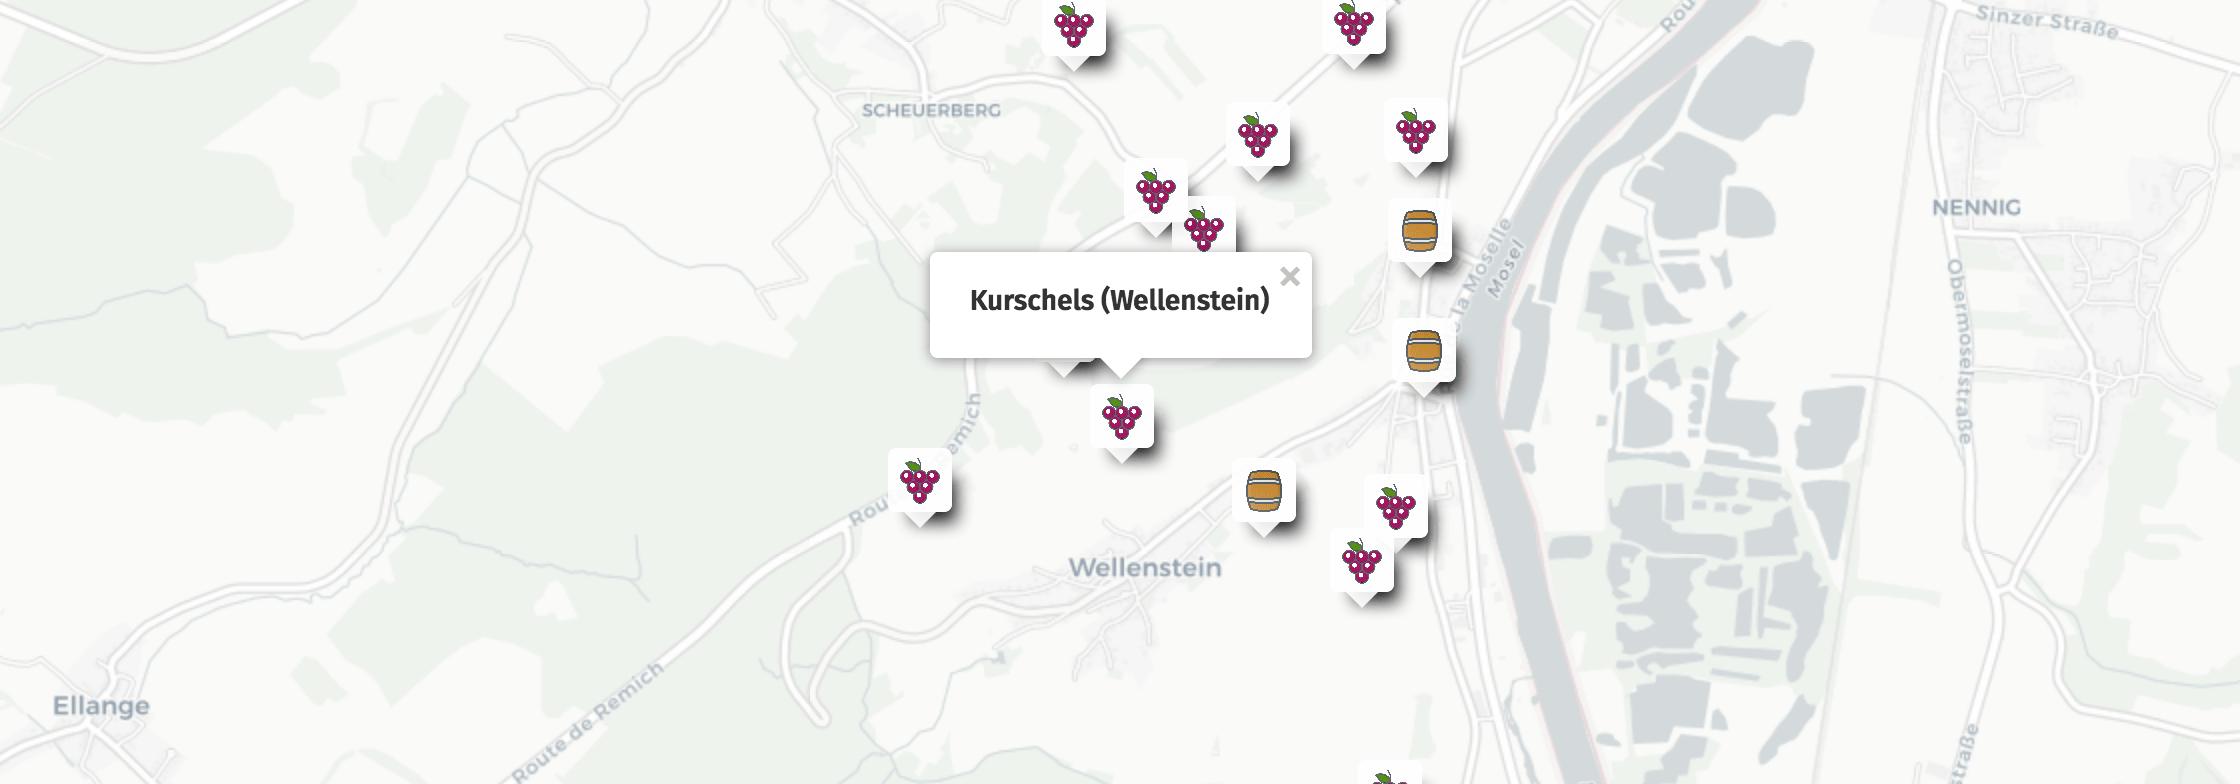 Geolocalisation des vins du Kurschels à Wellenstein